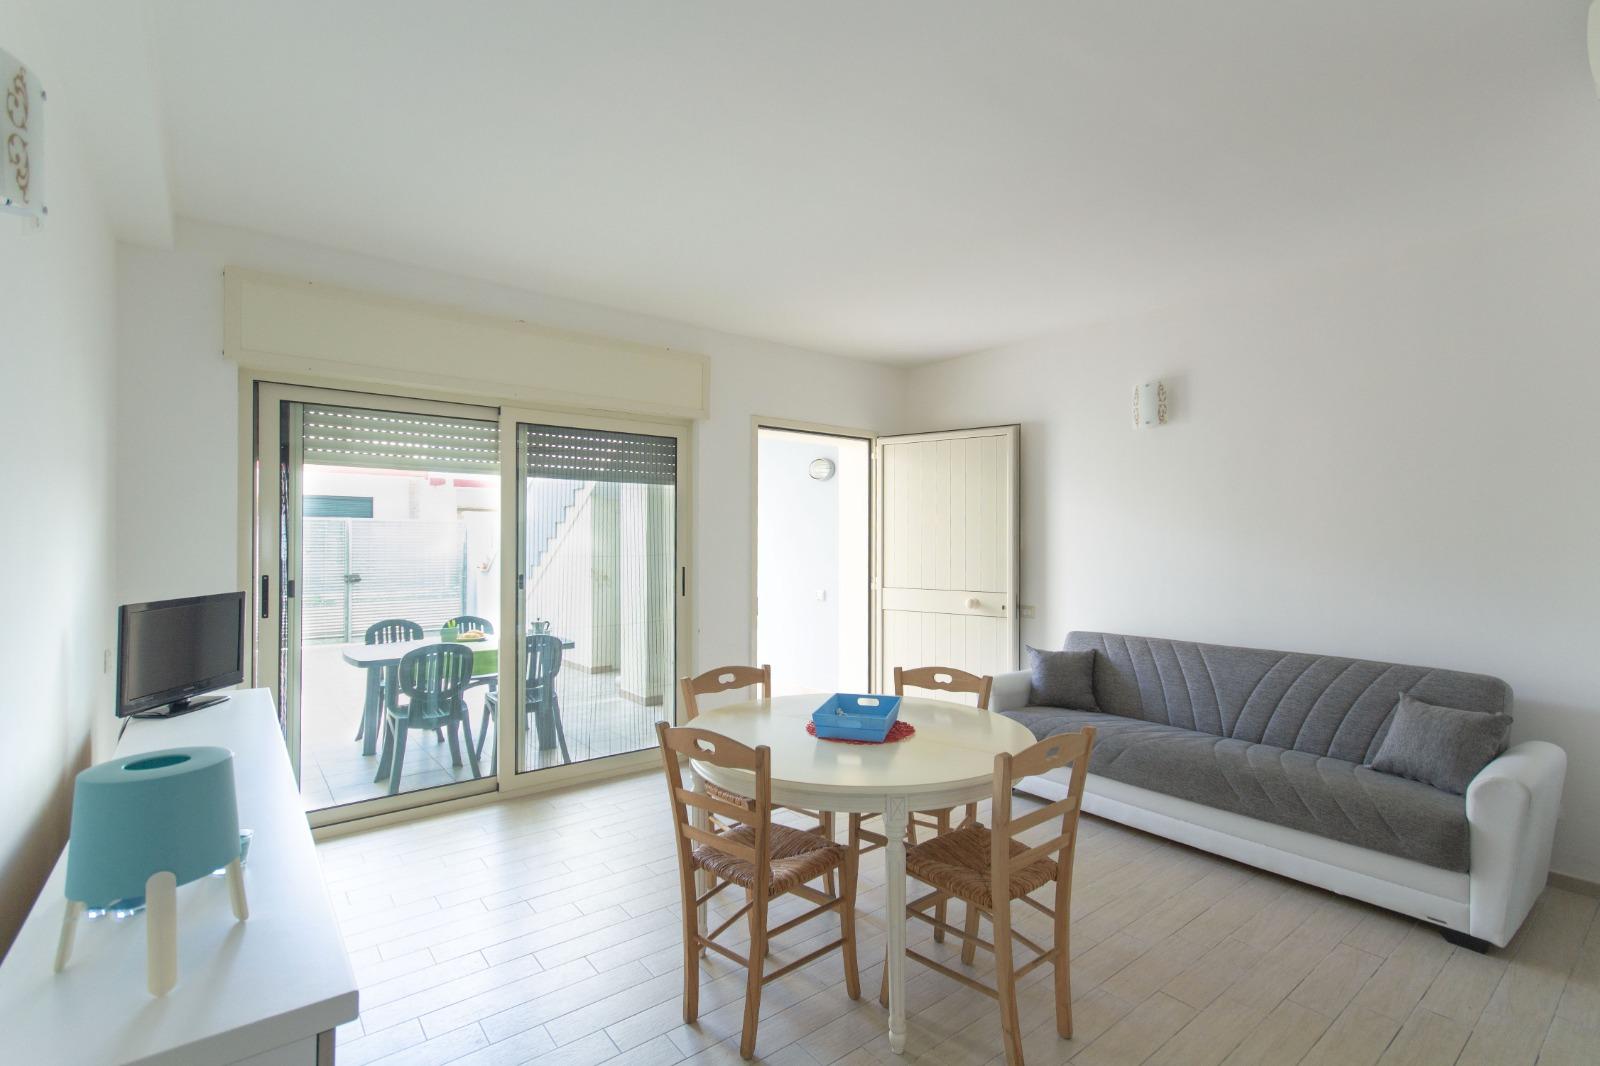 505_appartamento-volta_6._soggiorno_con_divano.jpg